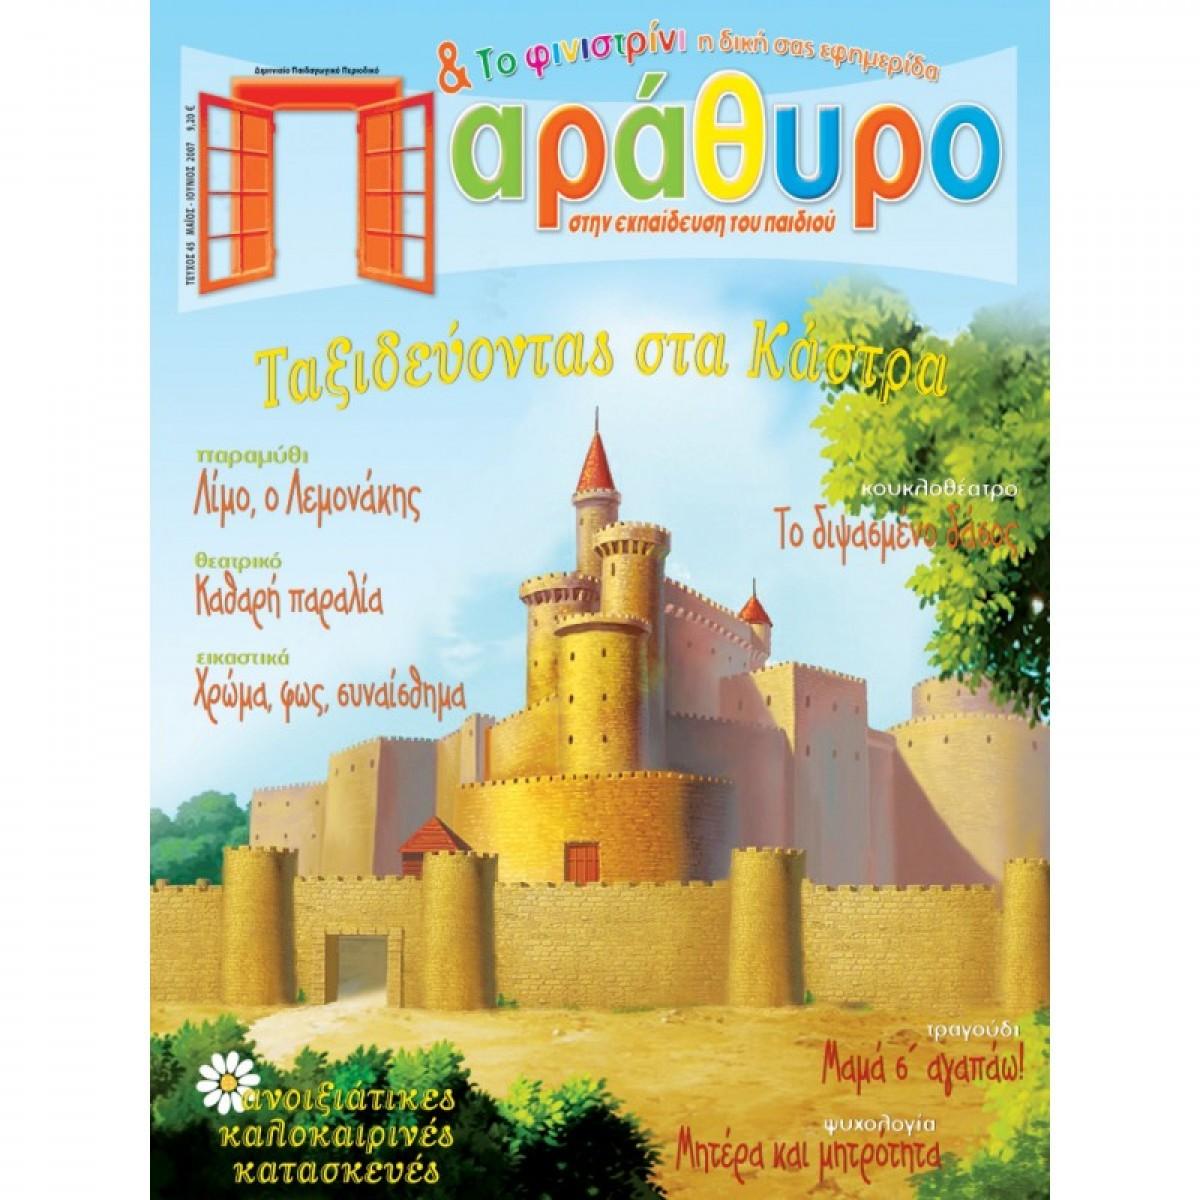 ΠΑΡΑΘΥΡΟ ΤΕΥΧΟΣ 45 Περιοδικό Παράθυρο